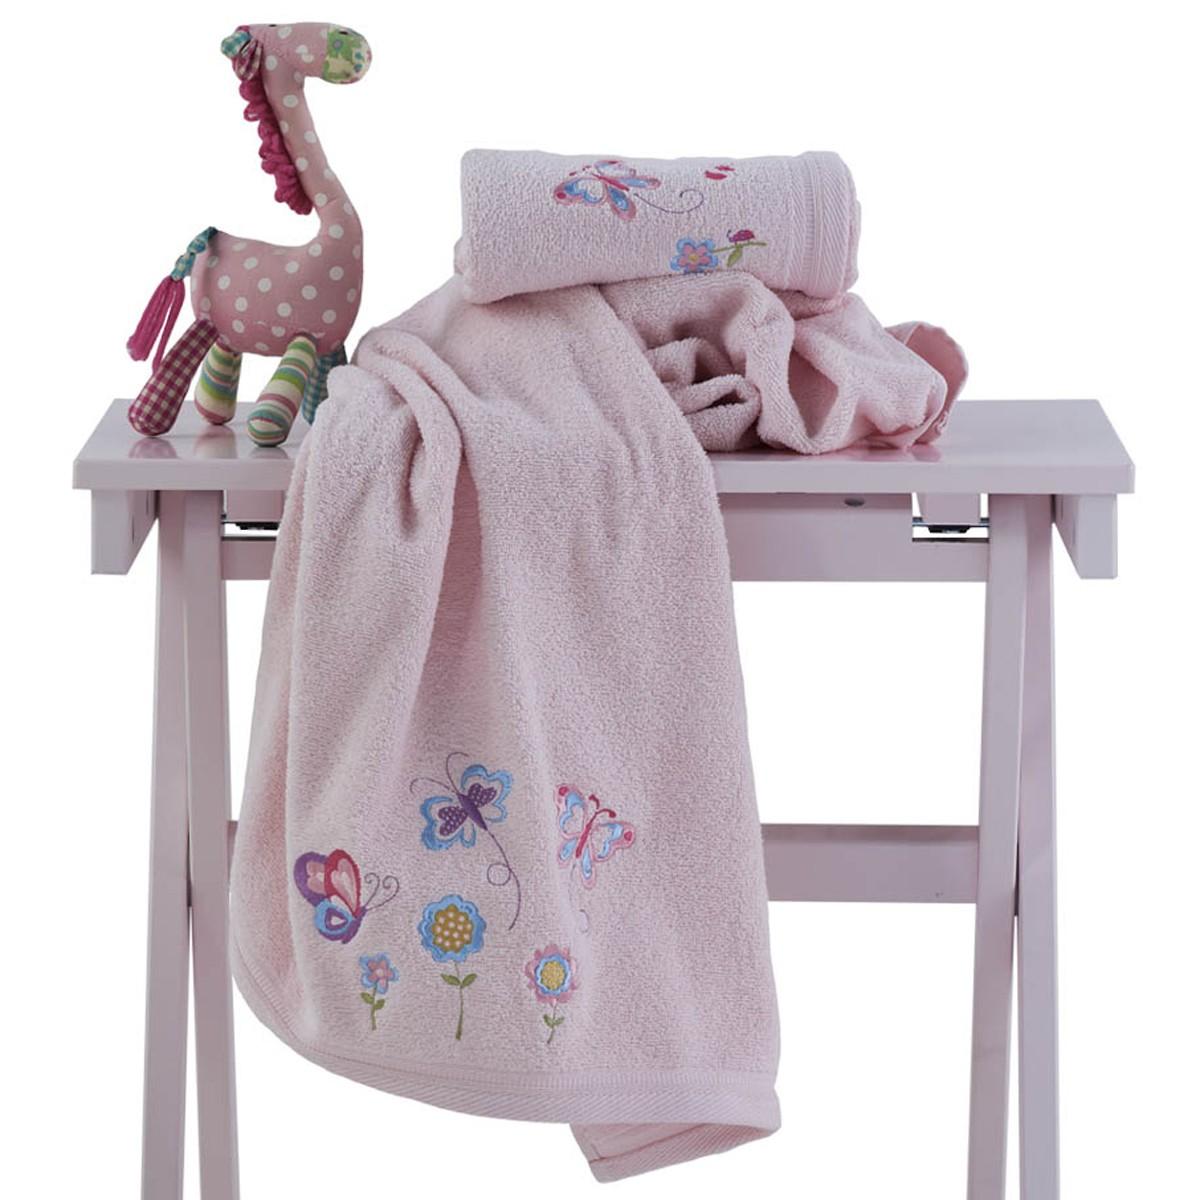 Παιδικές Πετσέτες (Σετ 2τμχ) Kentia Kids Adda